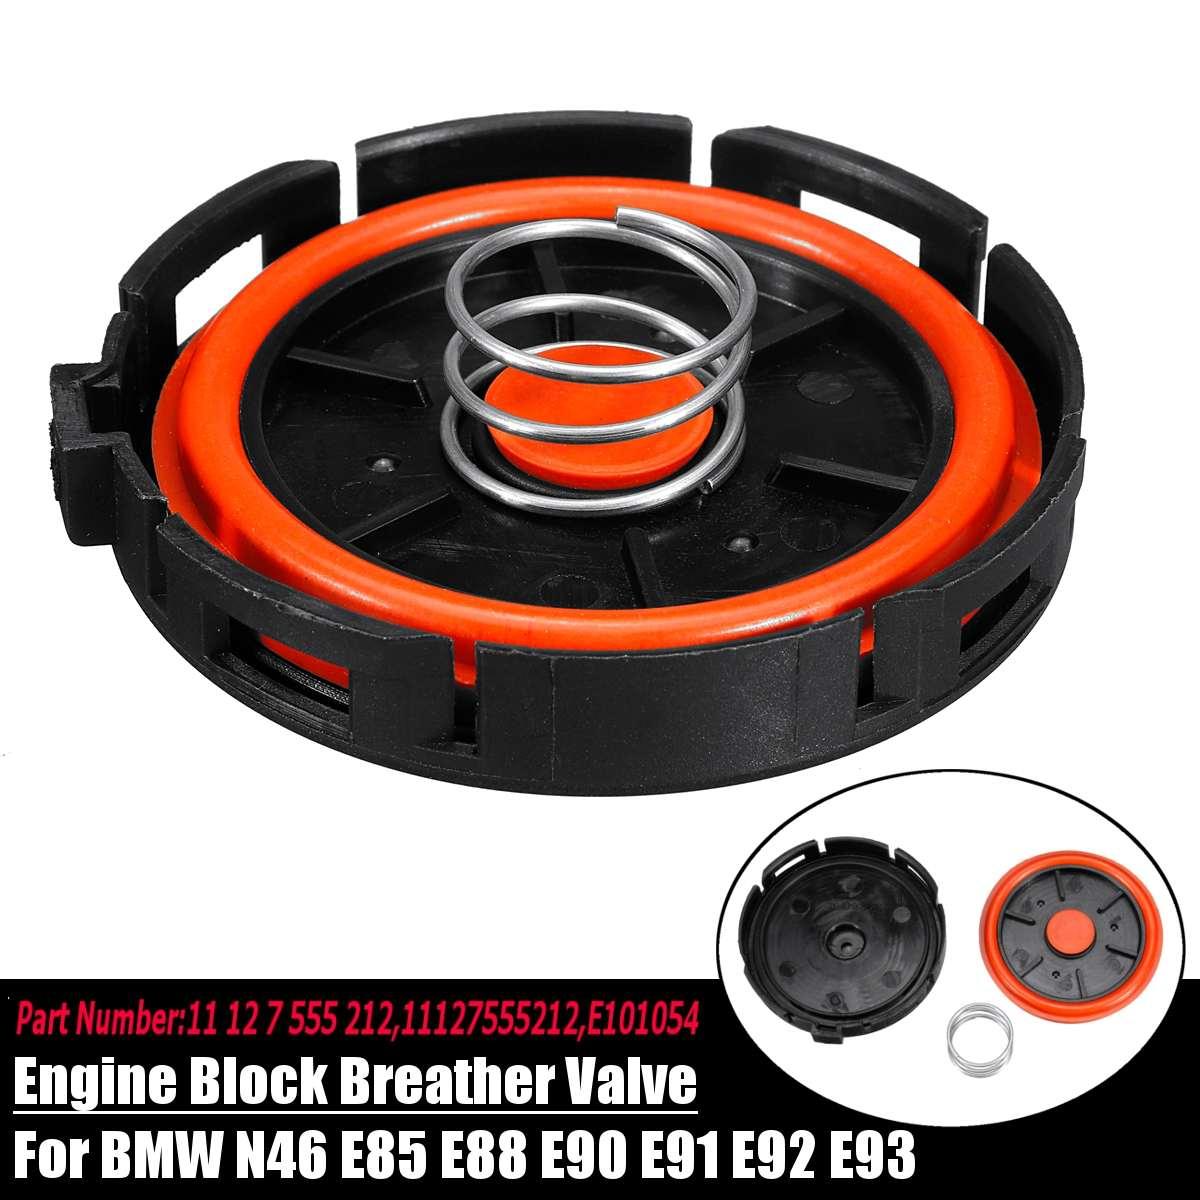 Akcesoria samochodowe blok silnika odpowietrzający kontroli podciśnienia Valve11127555212 dla BMW N46 E81 E82 E84 E85 E87 E88 E90 E91 E92 E93